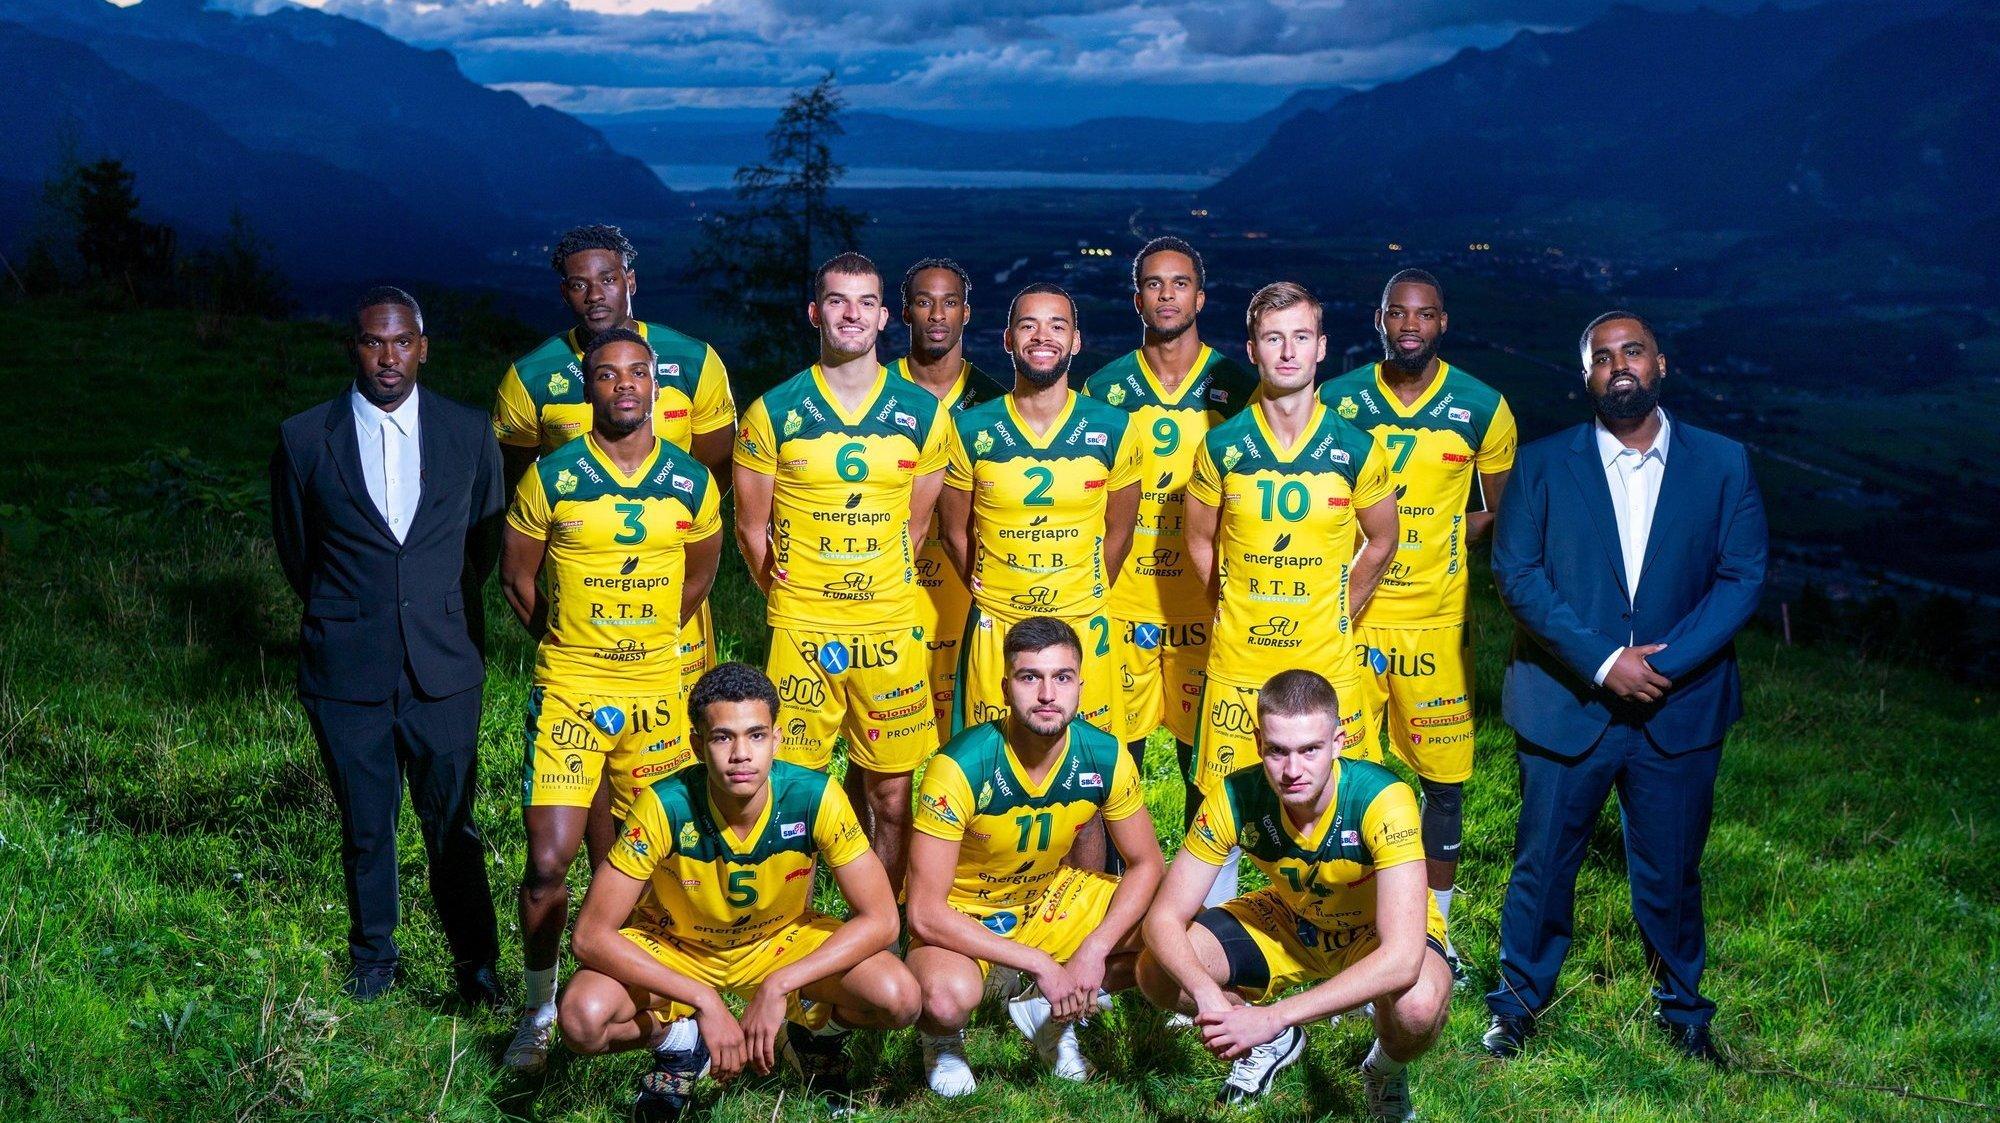 Les Montheysans au grand complet pour la photo d'équipe d'avant-saison.